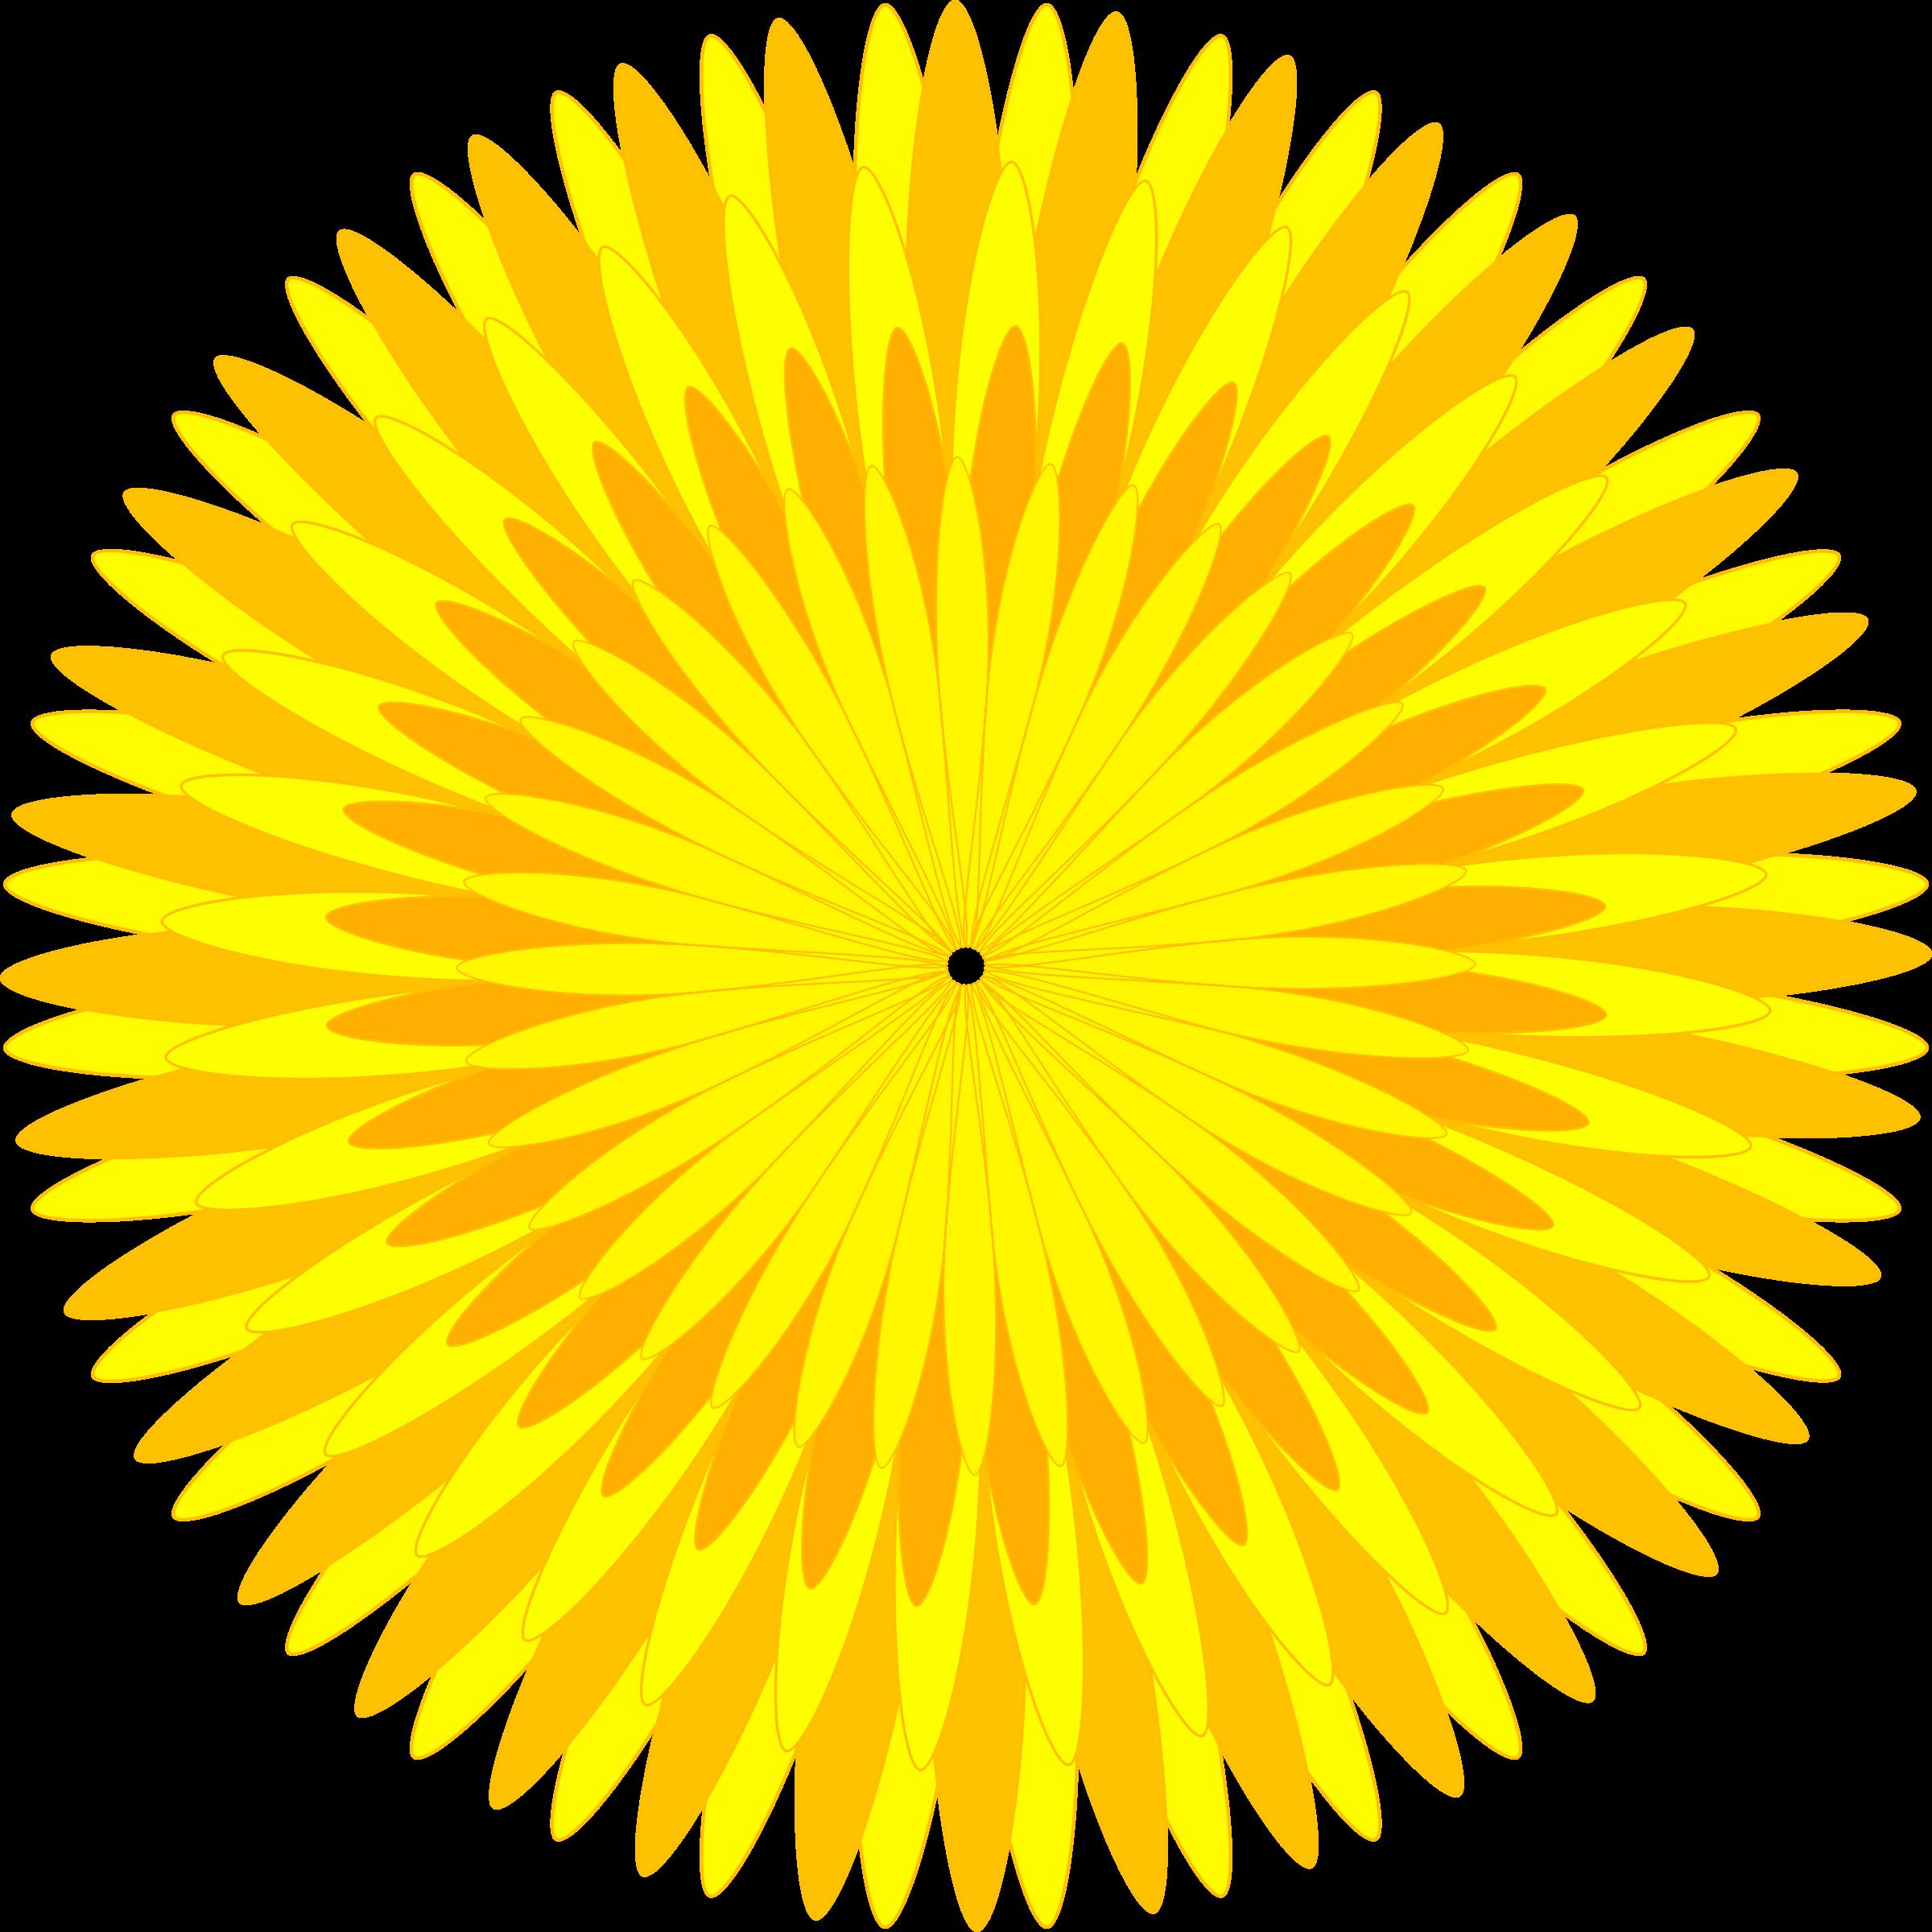 Fan clipart paper fan. Dandelion big image png